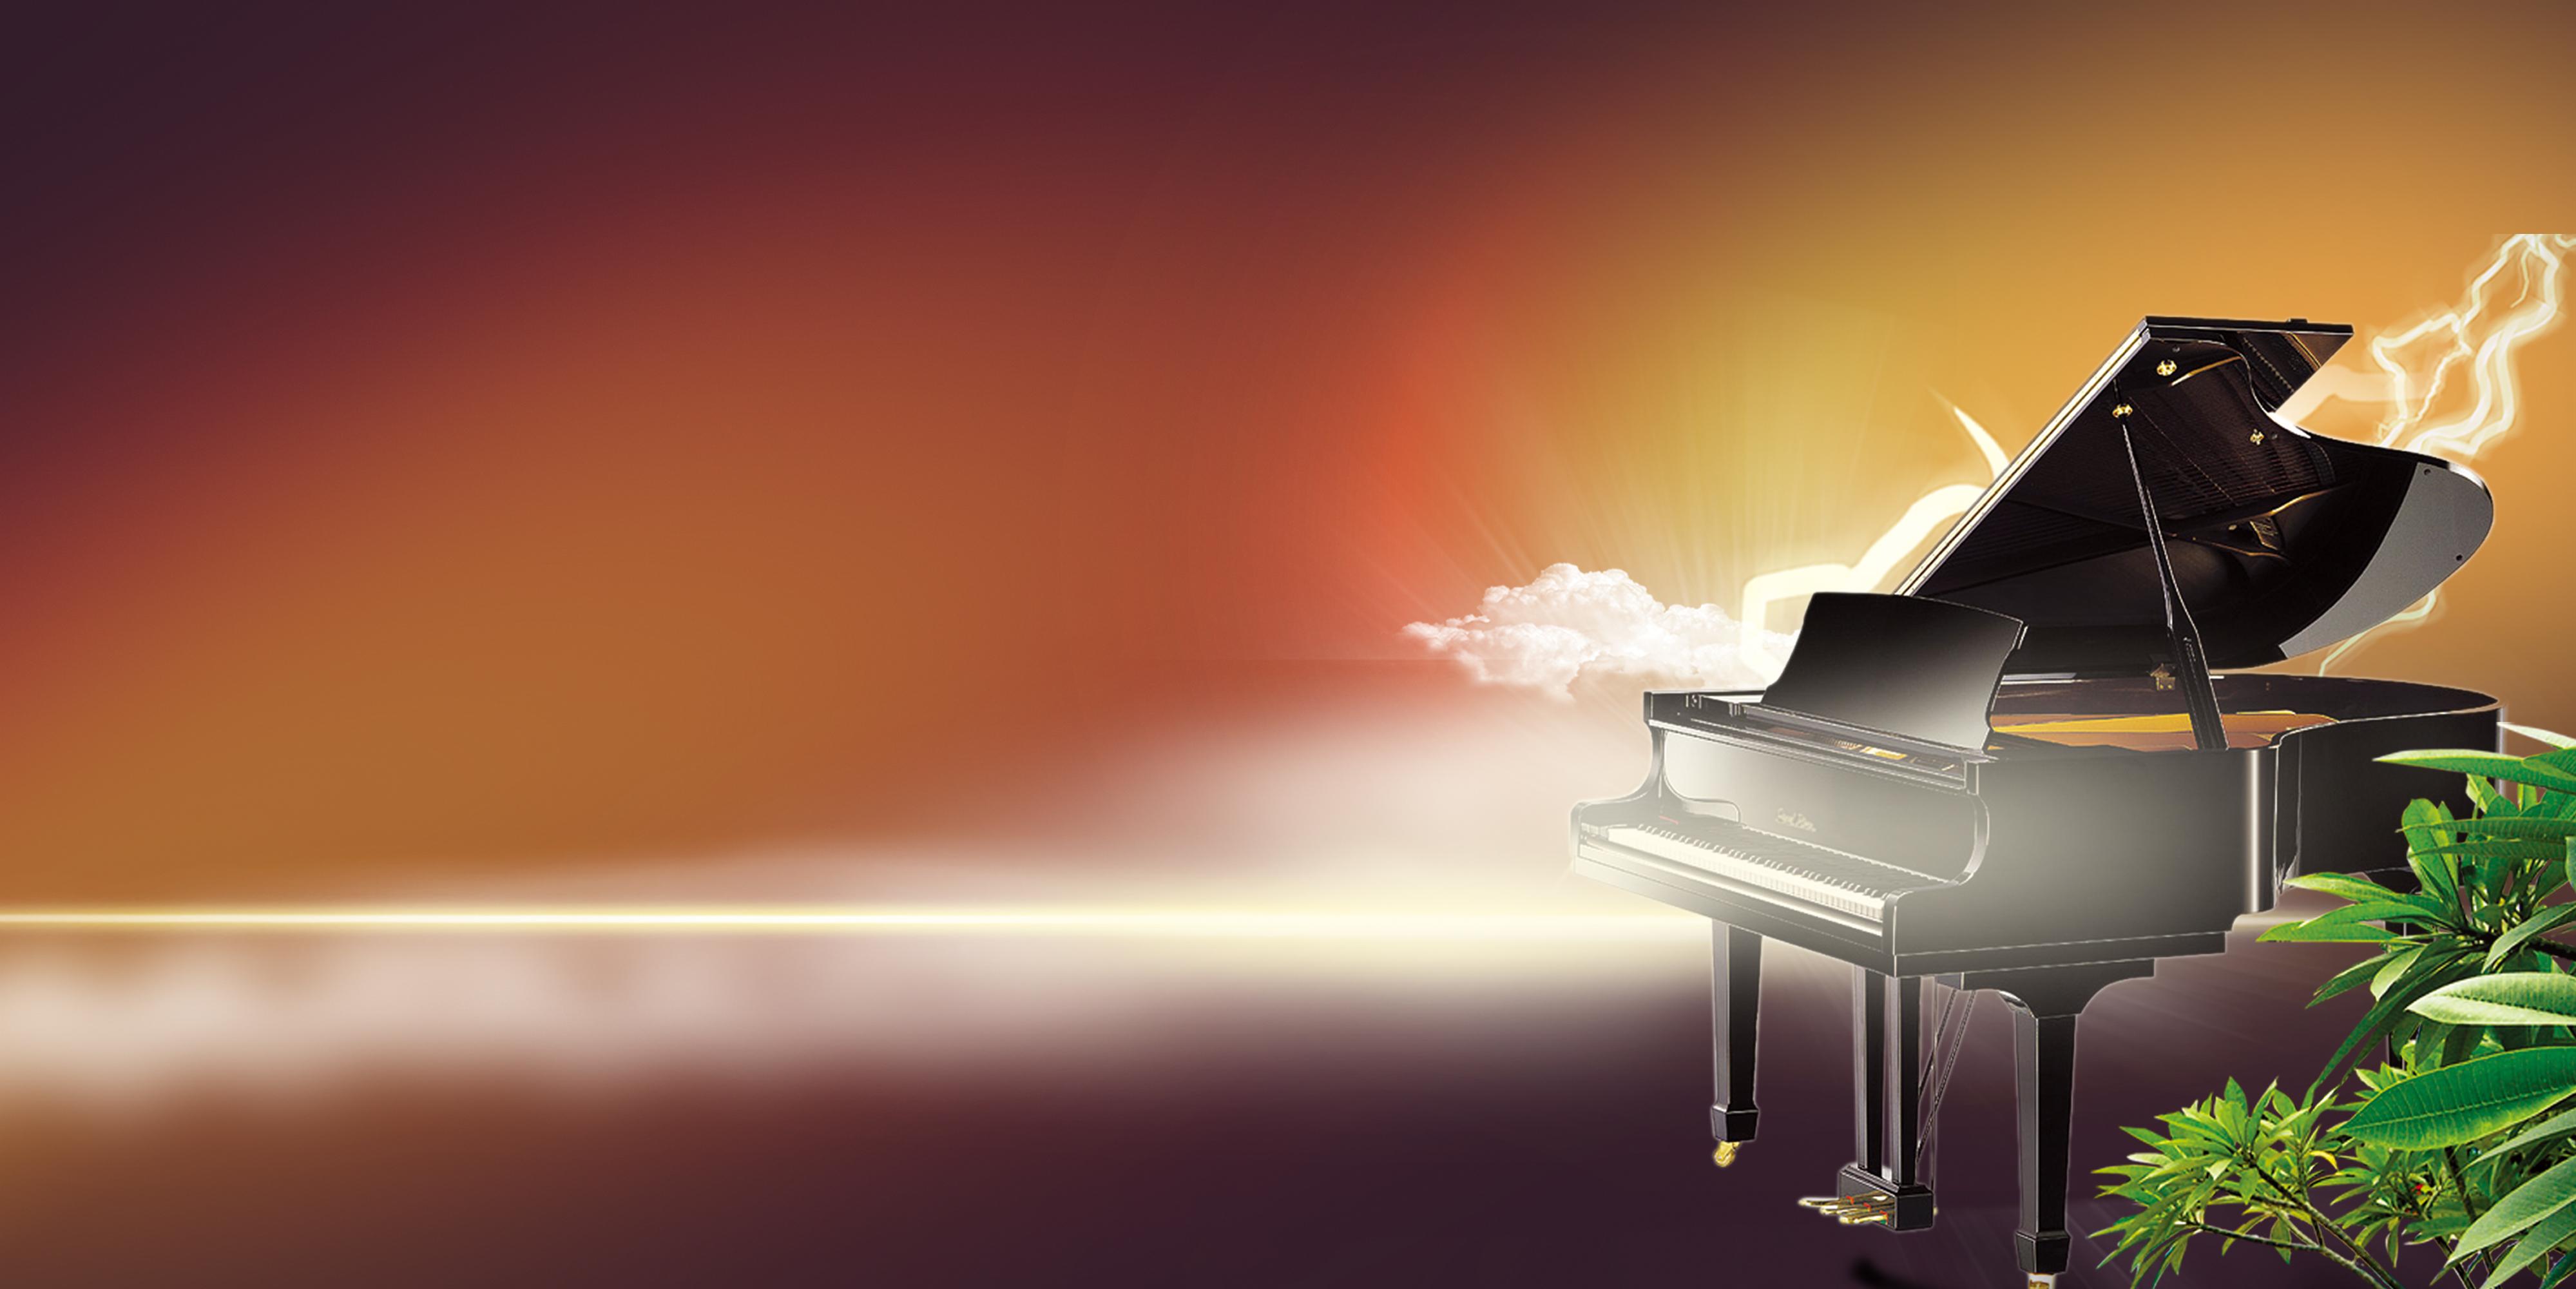 le mod u00e8le de la lumi u00e8re de fond de ciel esth u00e9tique piano